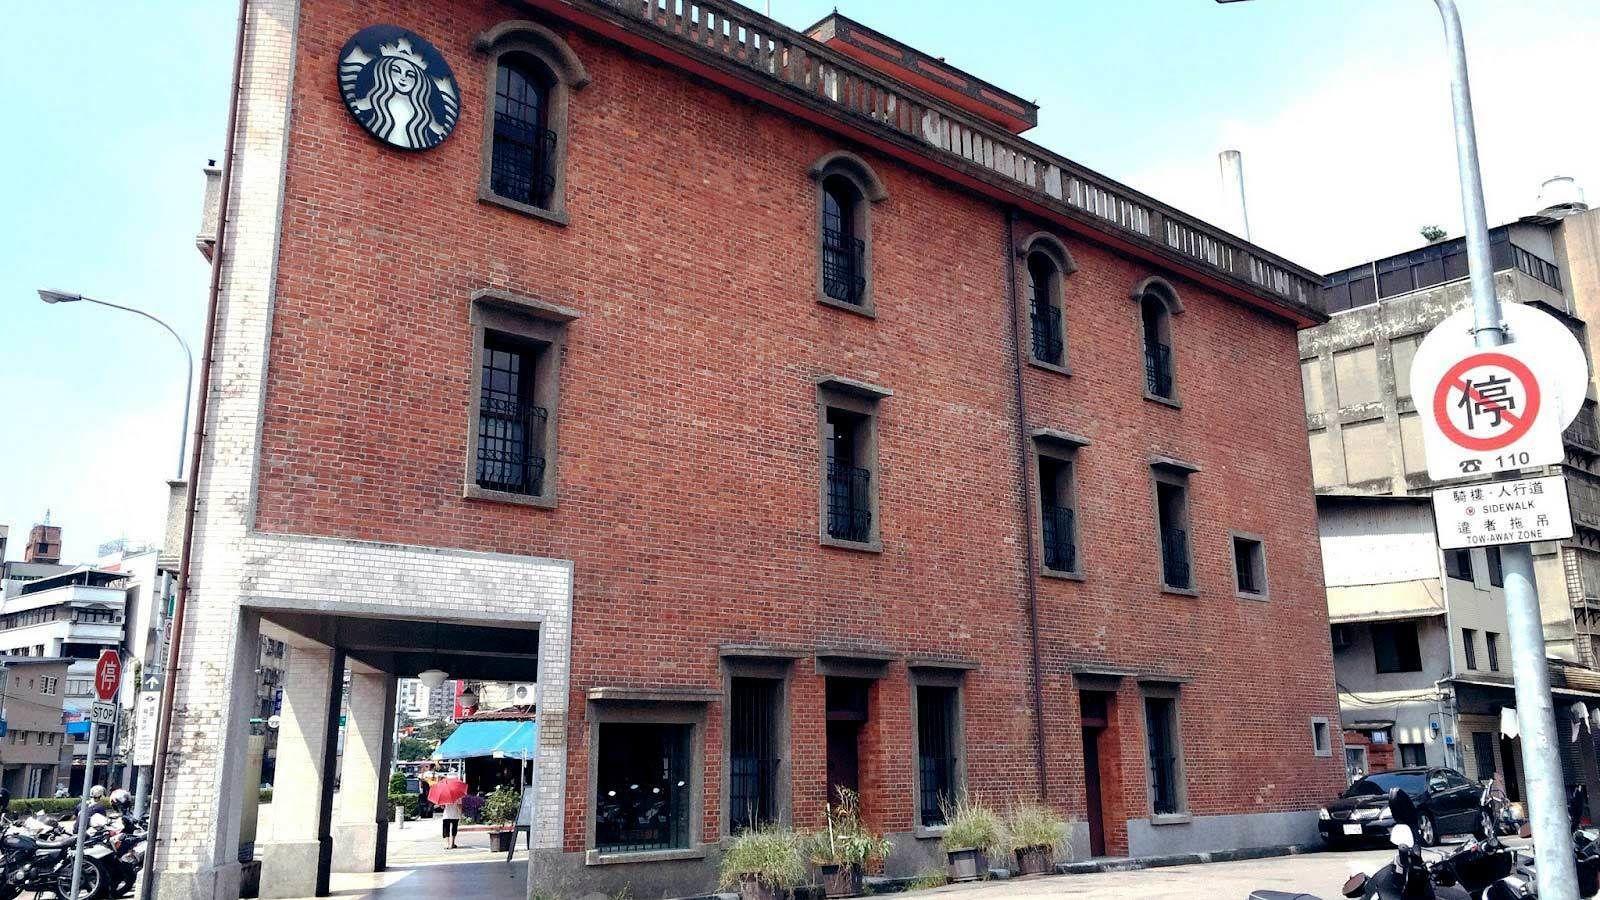 Starbucks in Taipei